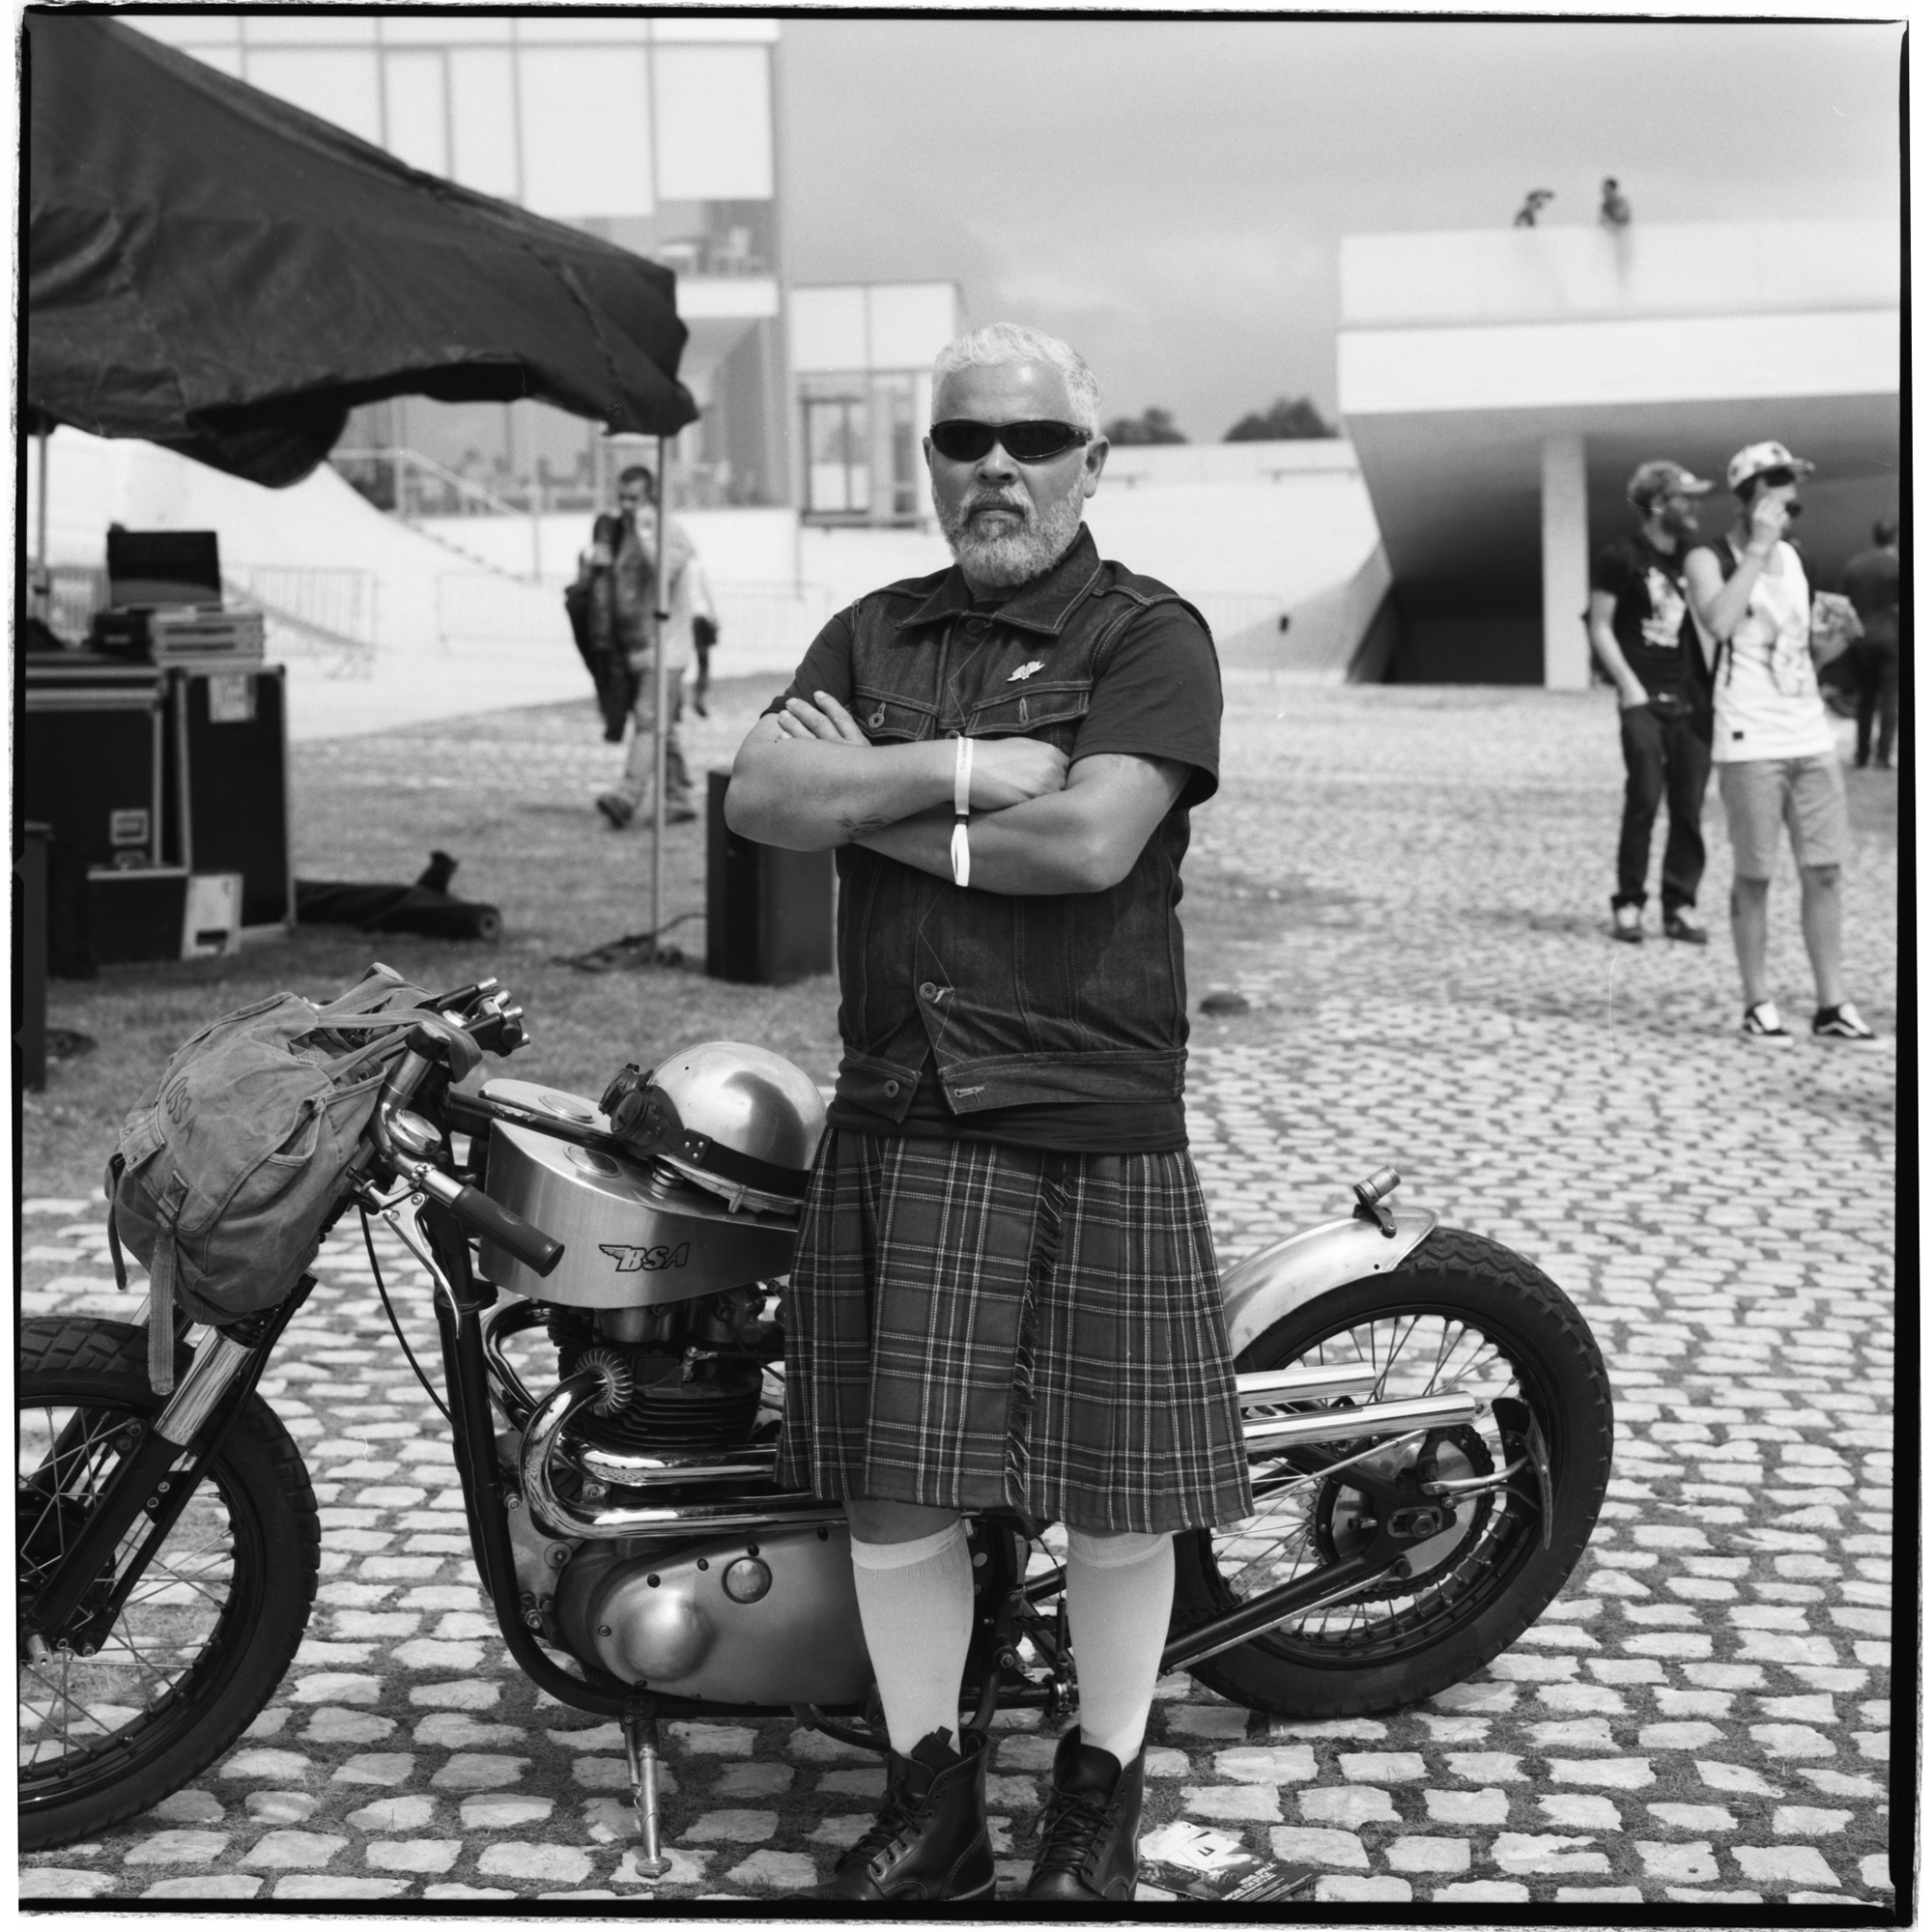 Grant Smith - Biker in kilt